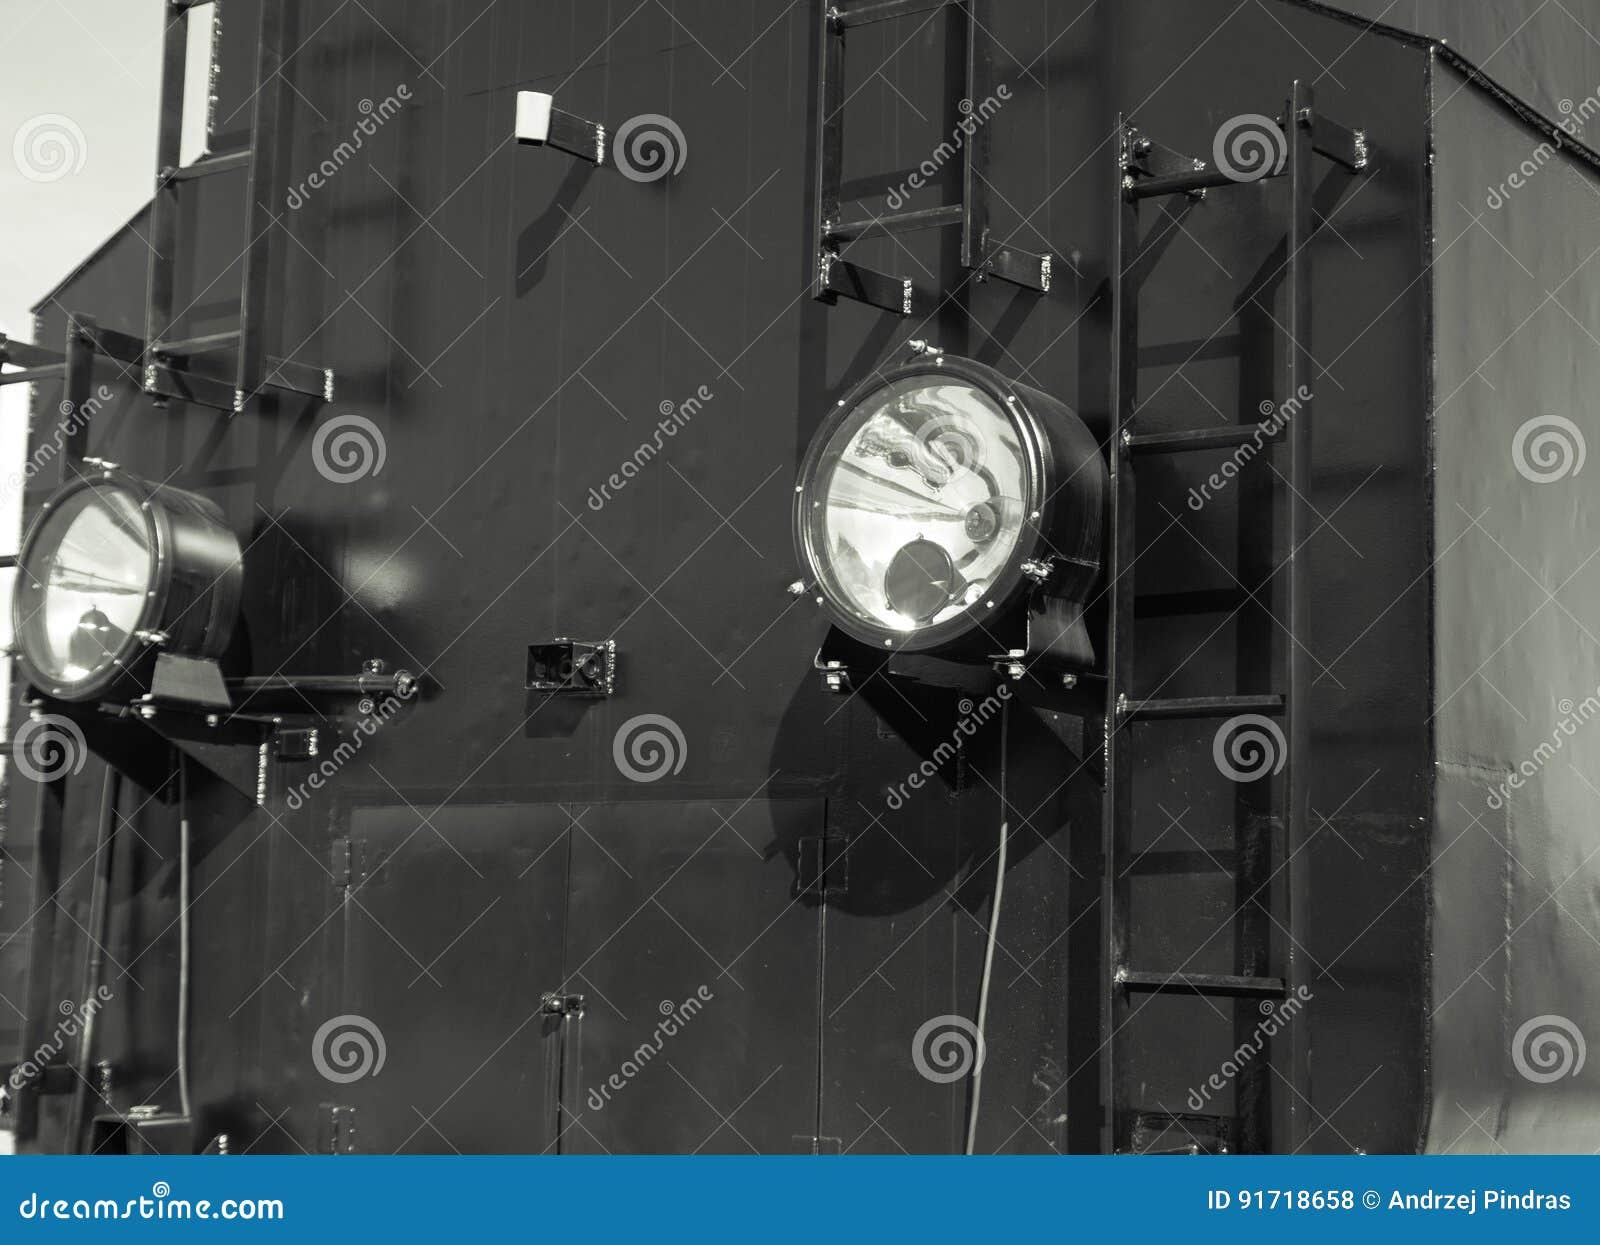 Detalles de la locomotora de vapor polaca